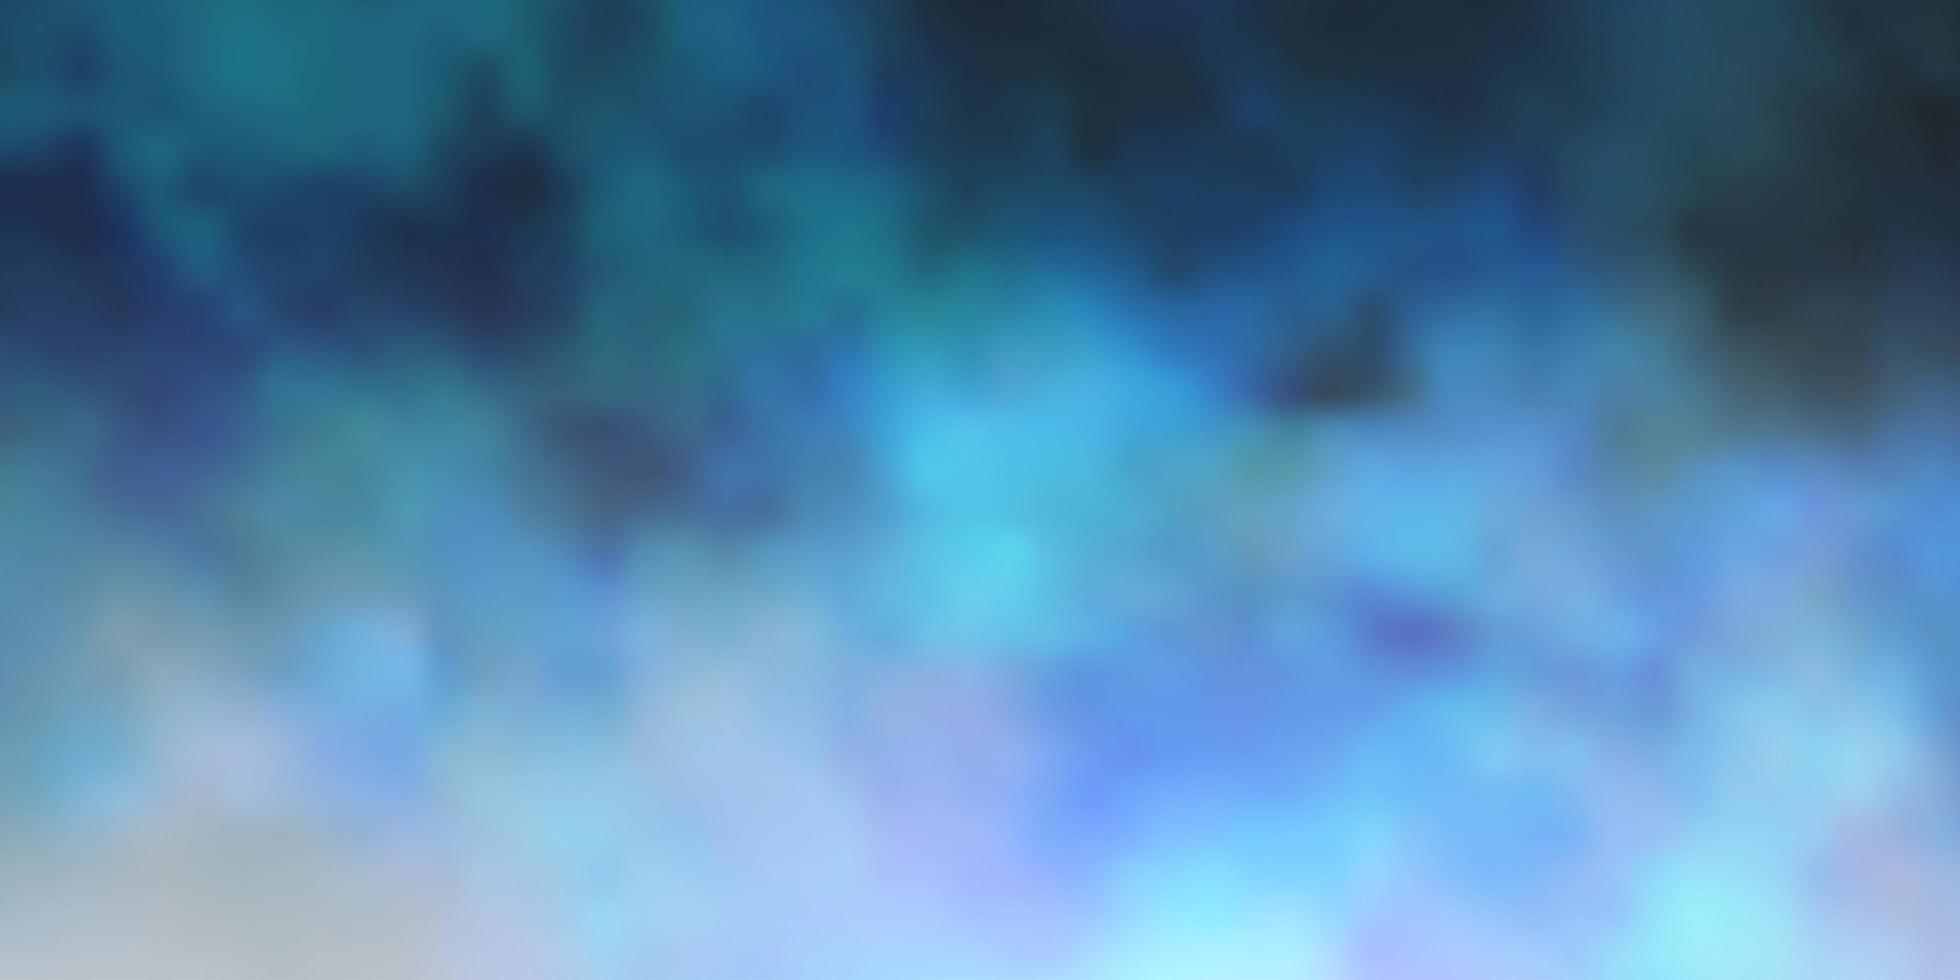 sfondo vettoriale blu scuro con cumulo.